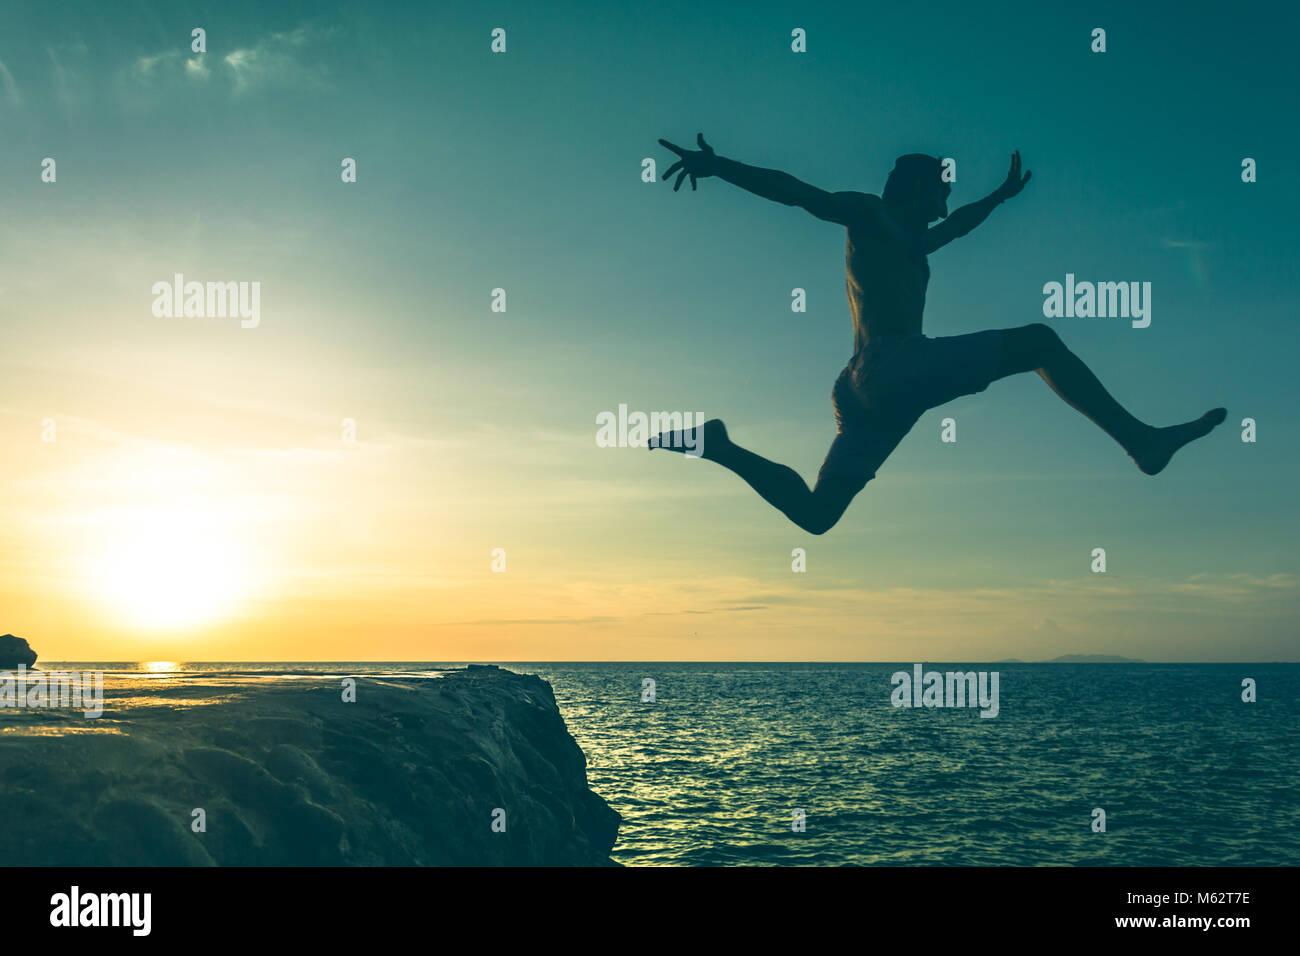 Mann über eine Klippe ins Meer springen auf Sonnenuntergang in Koh Phangan Island, Thailand. Vintage Effekt. Stockbild